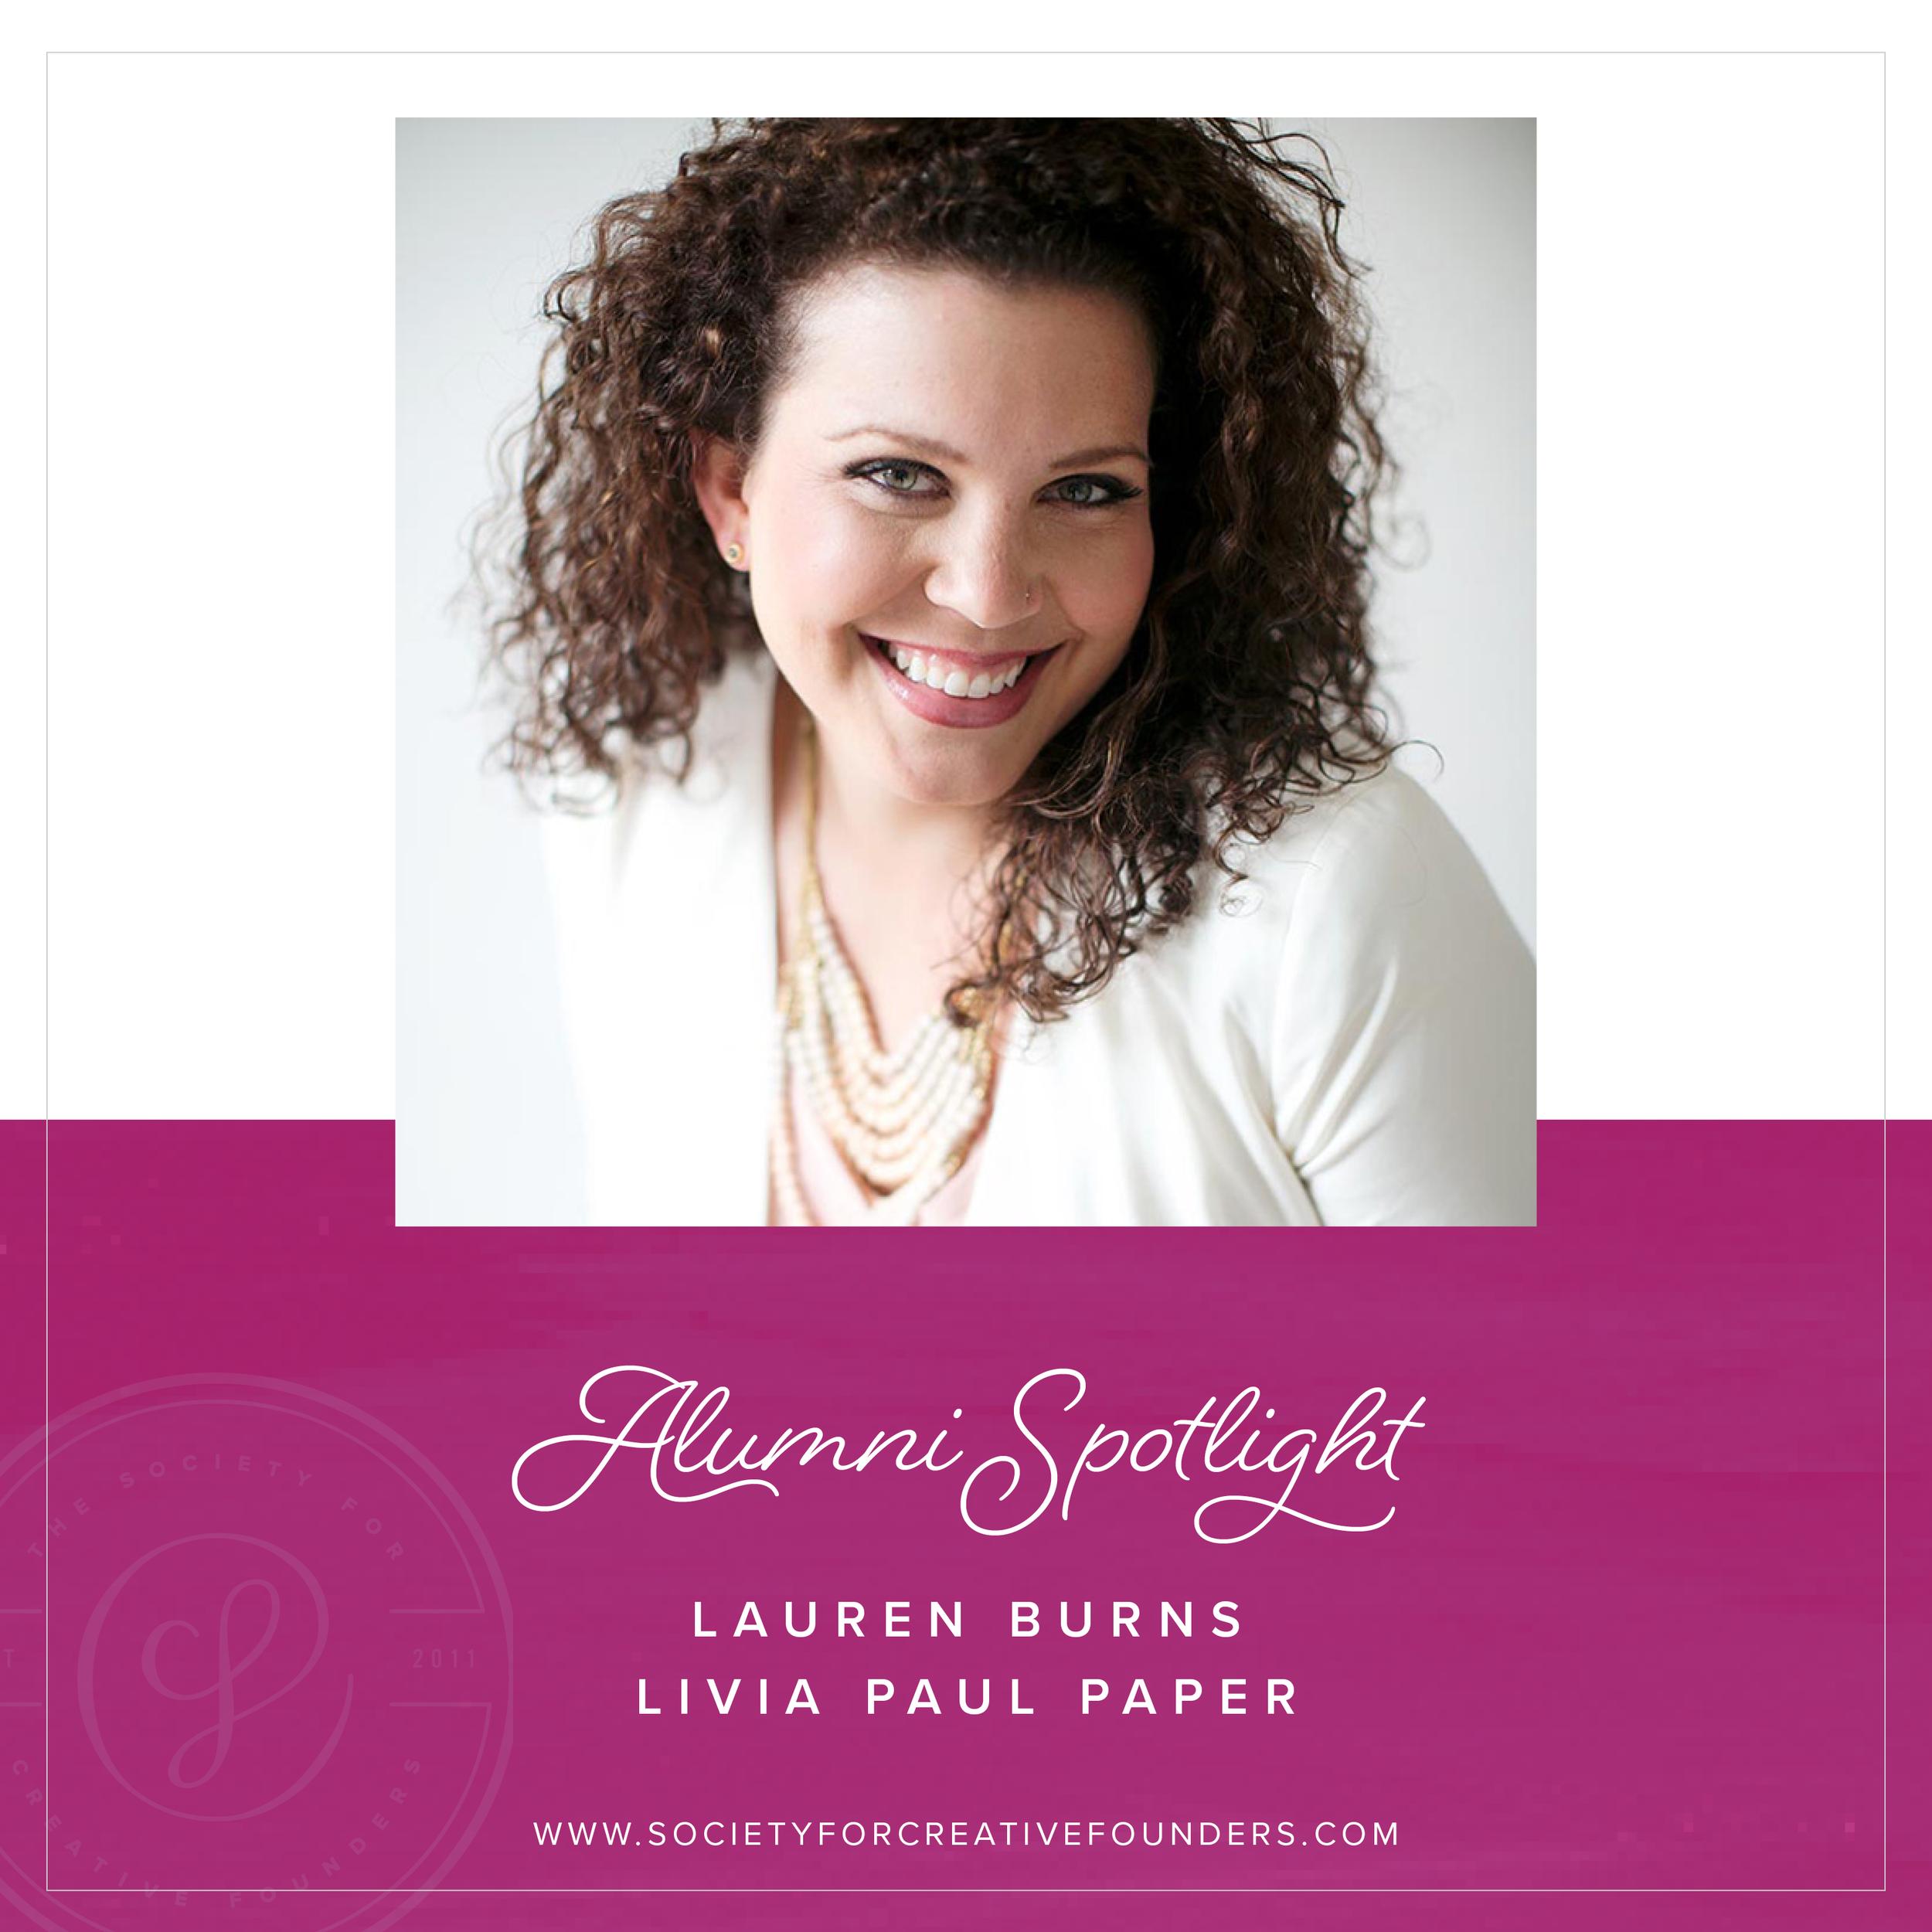 LiviaPaul_Lauren-Burns_Founder